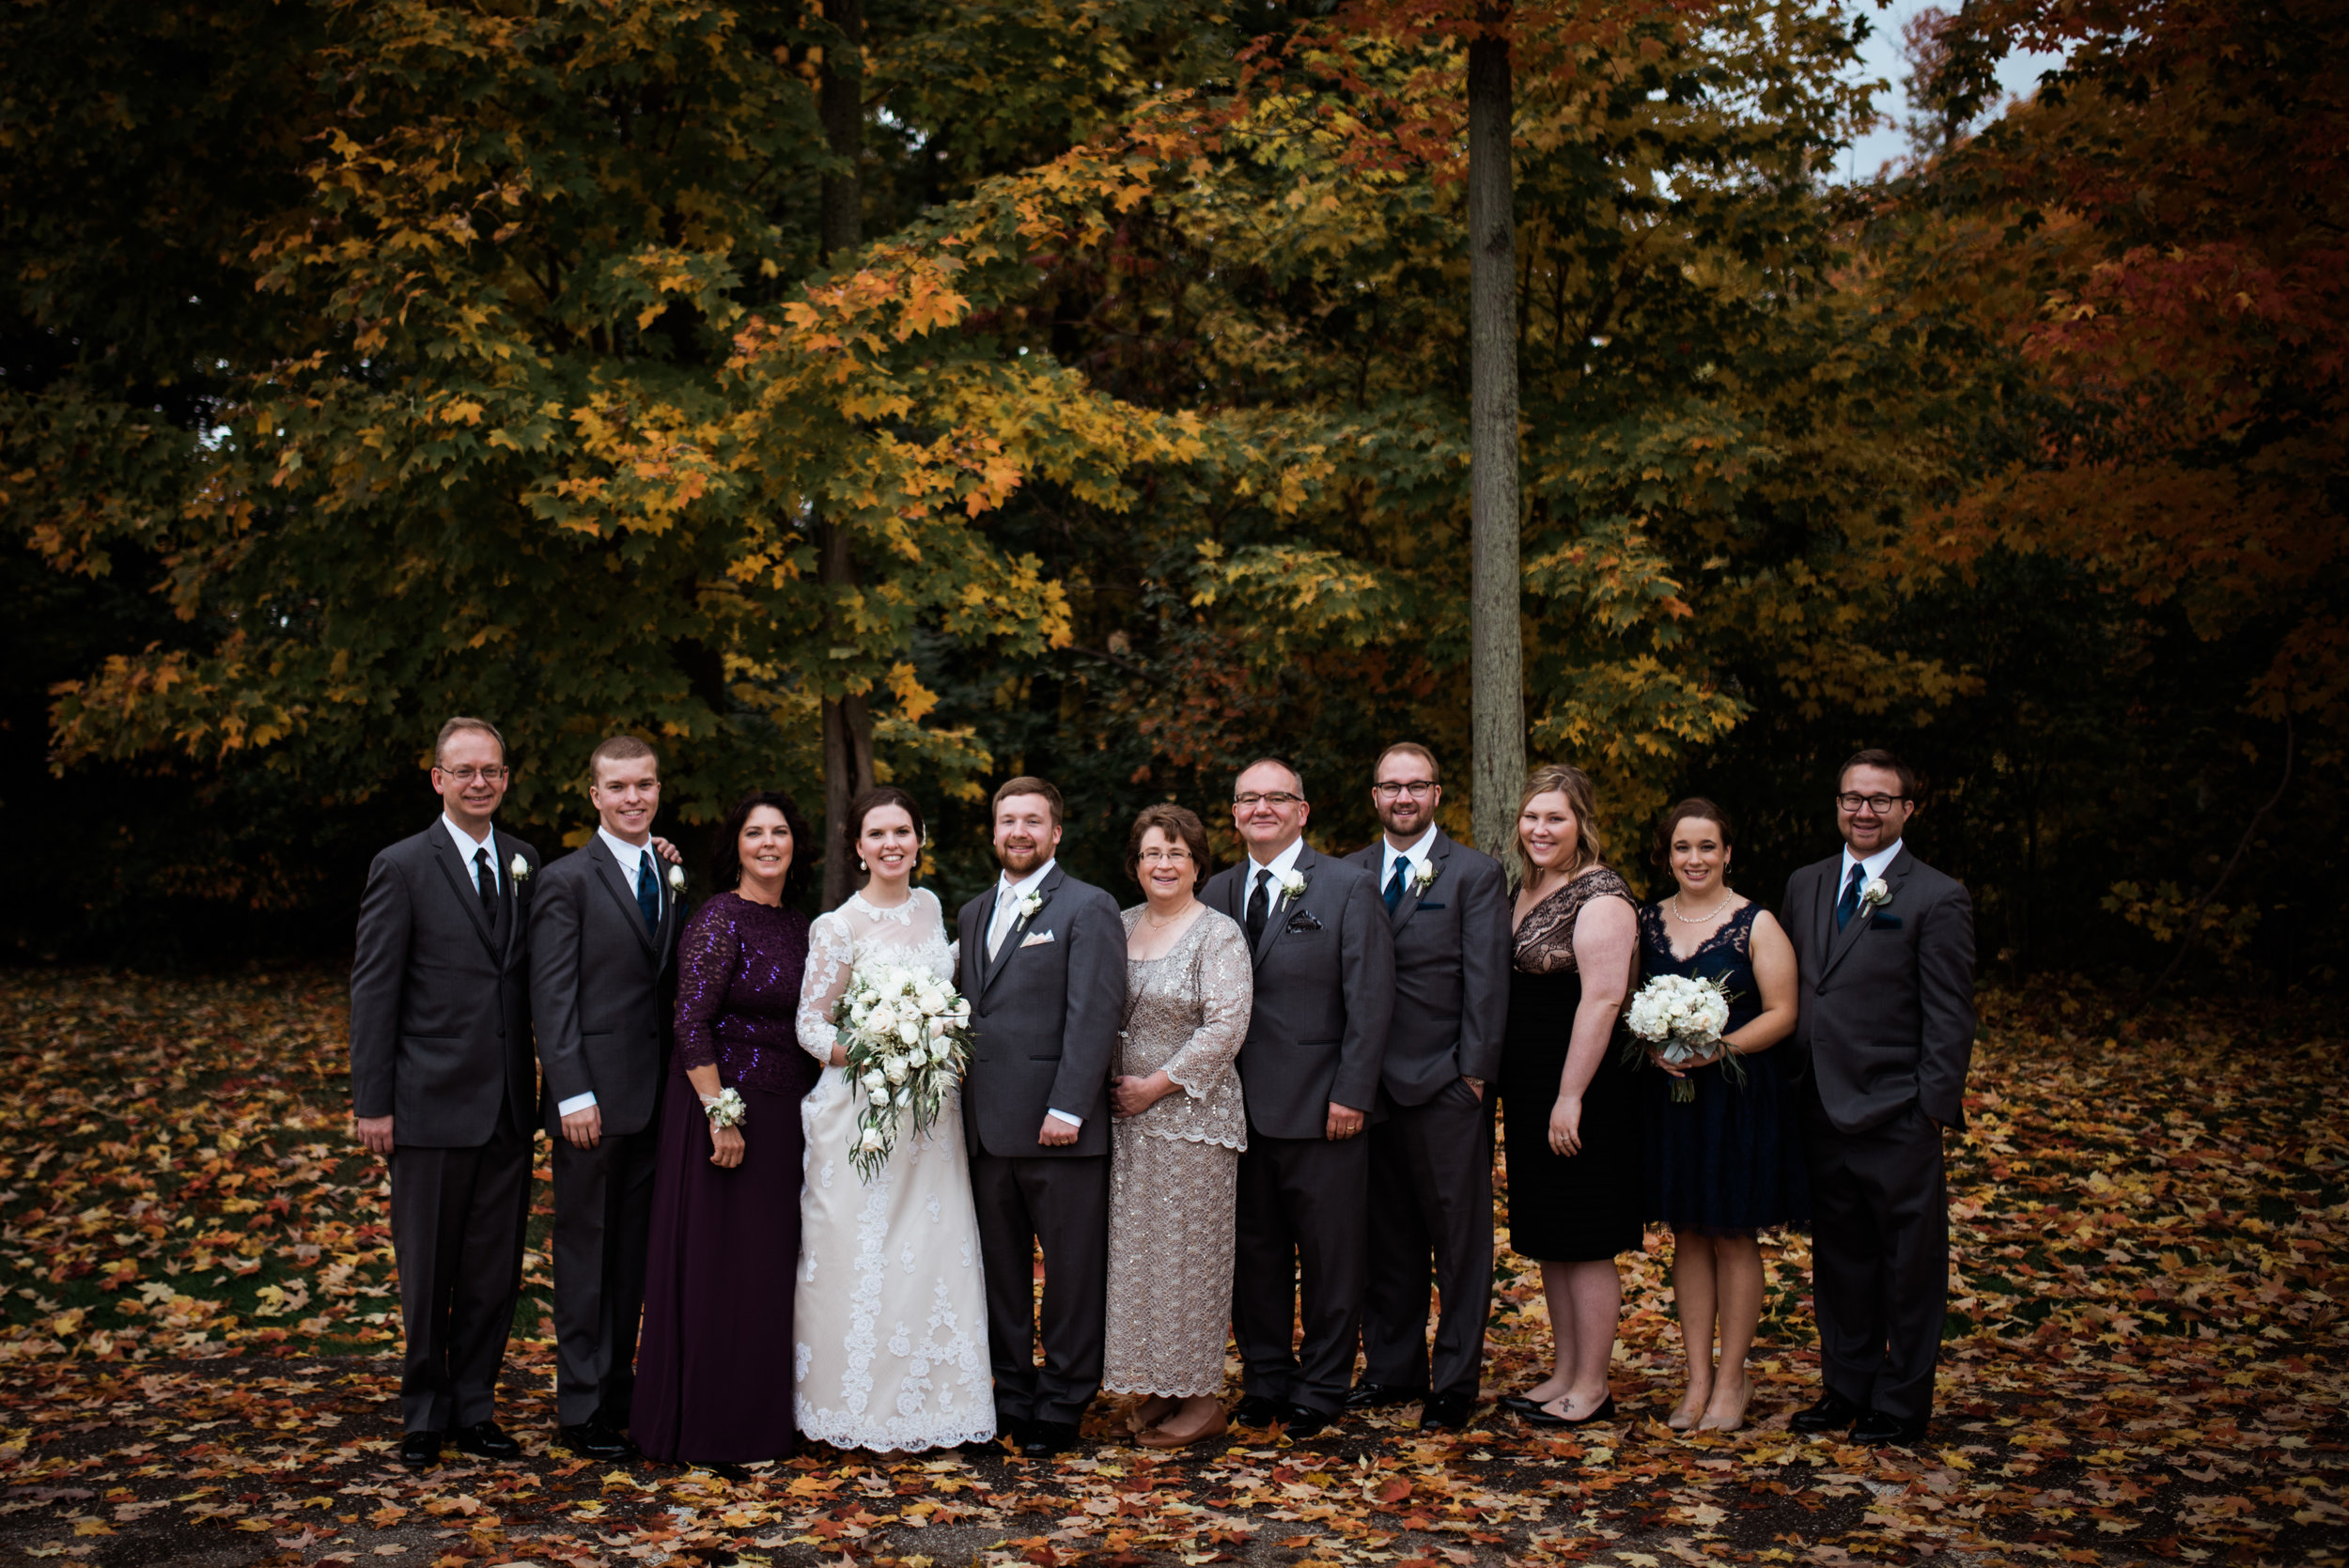 woodcock wedding370.JPG